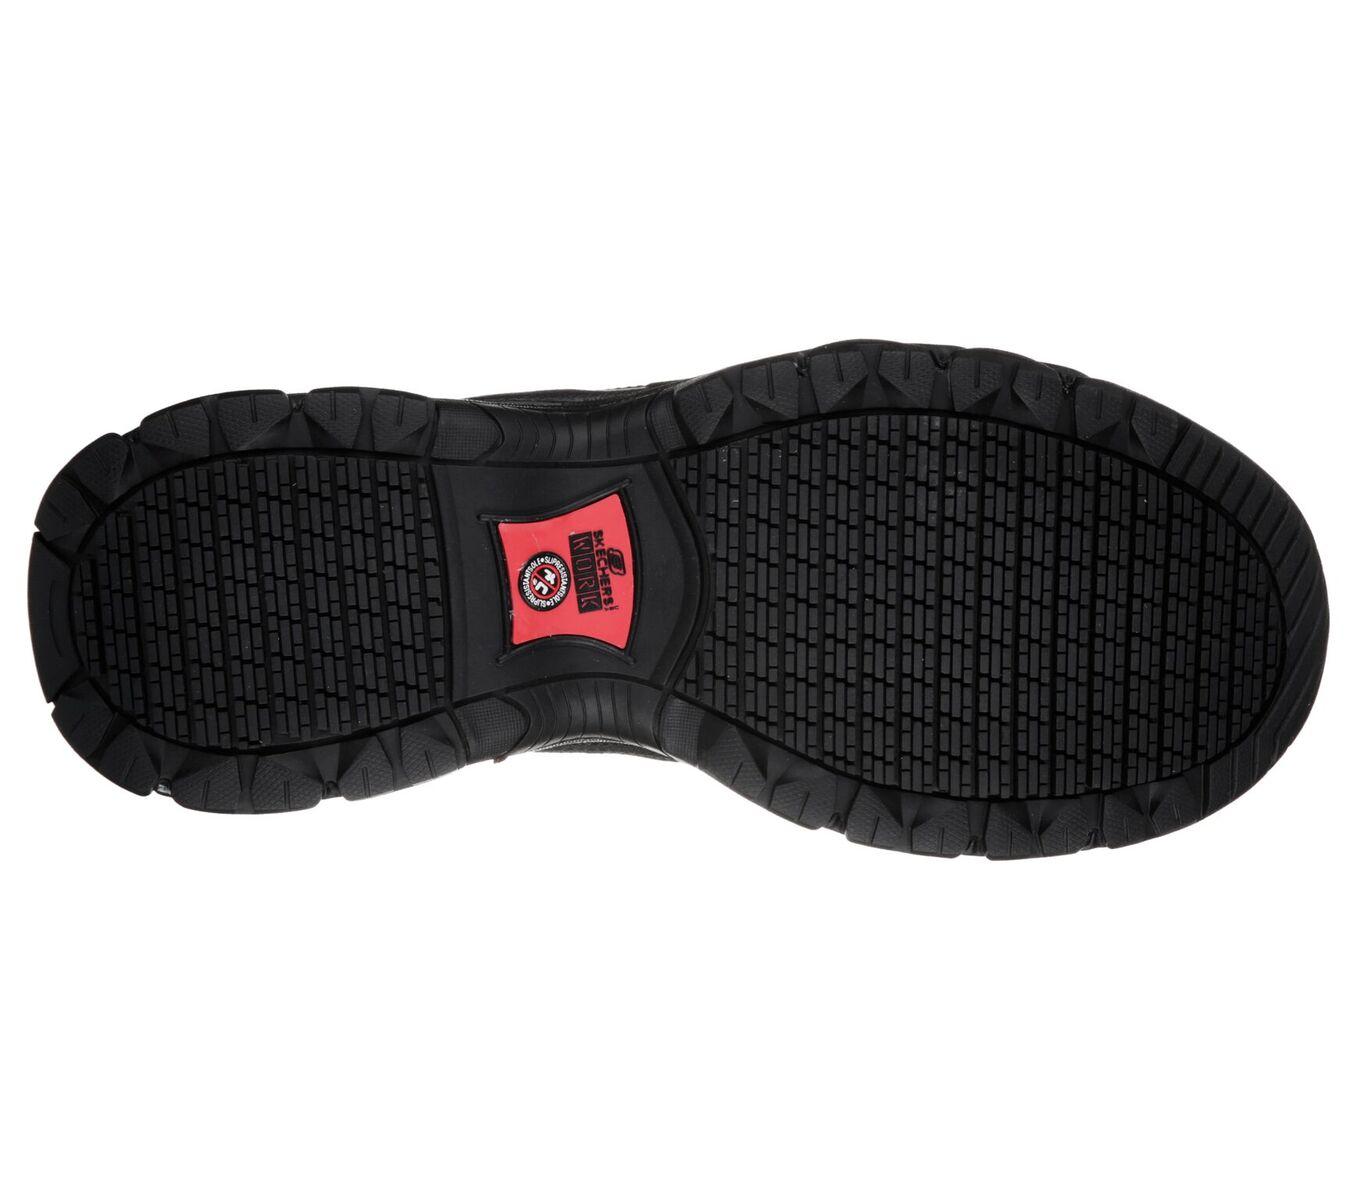 calzado de seguridad skechers ledom hombre